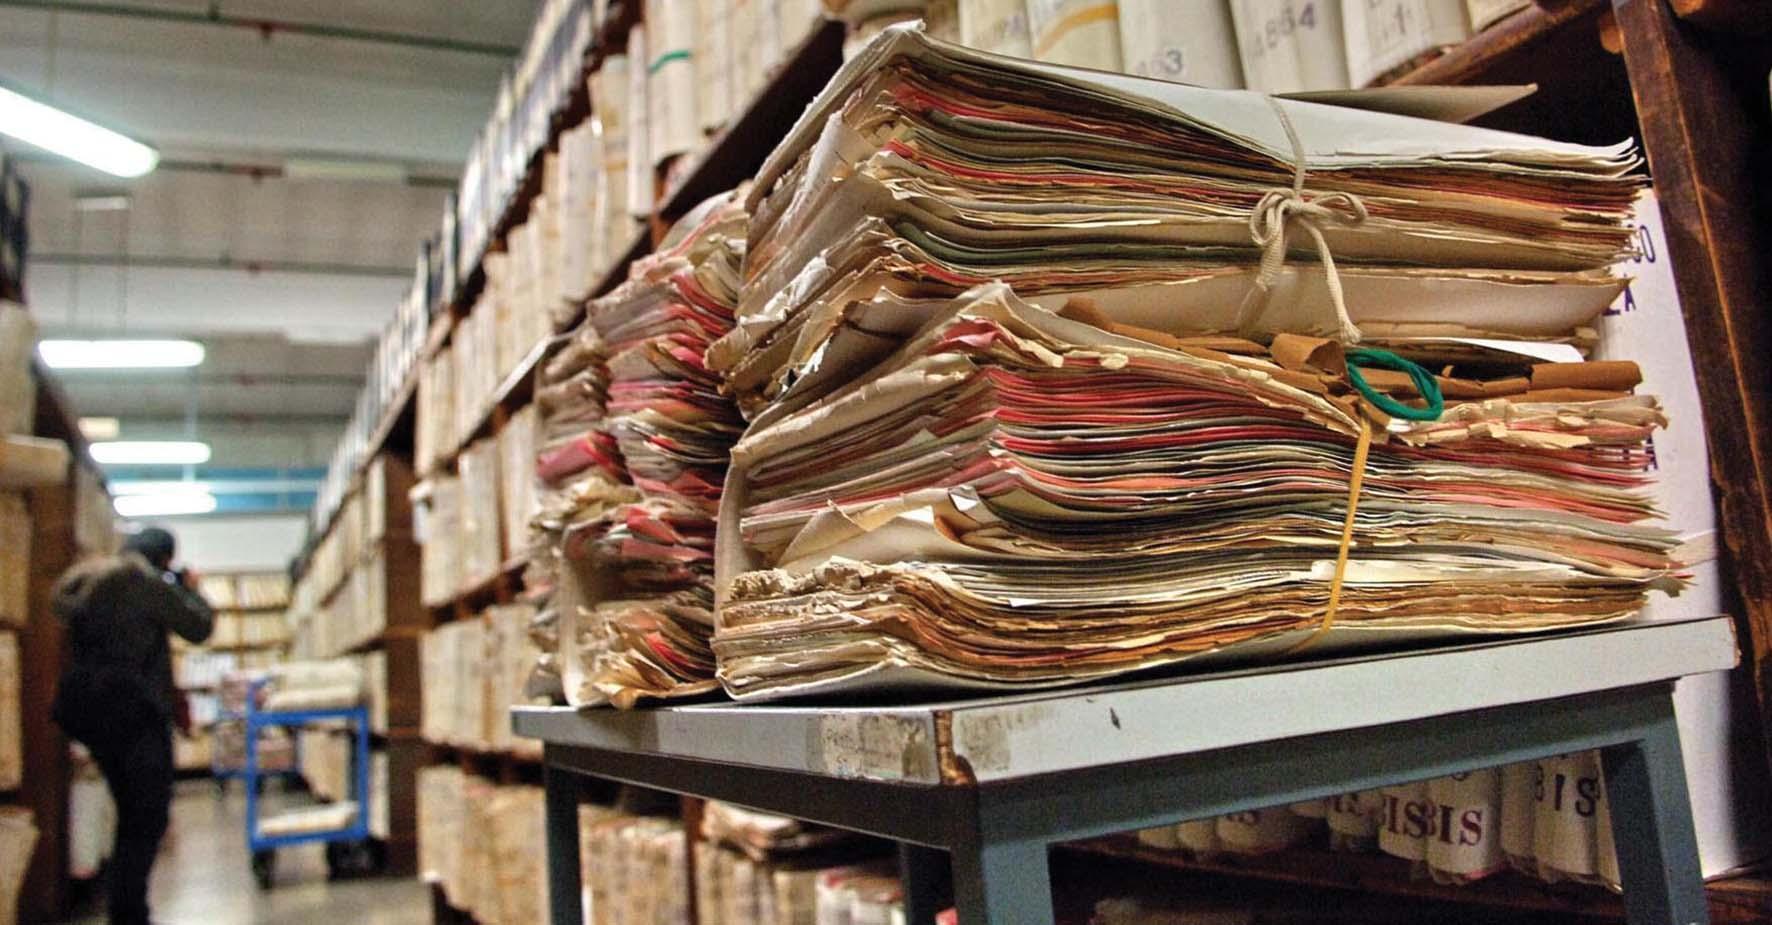 burocrazia archvio pratiche faldoni